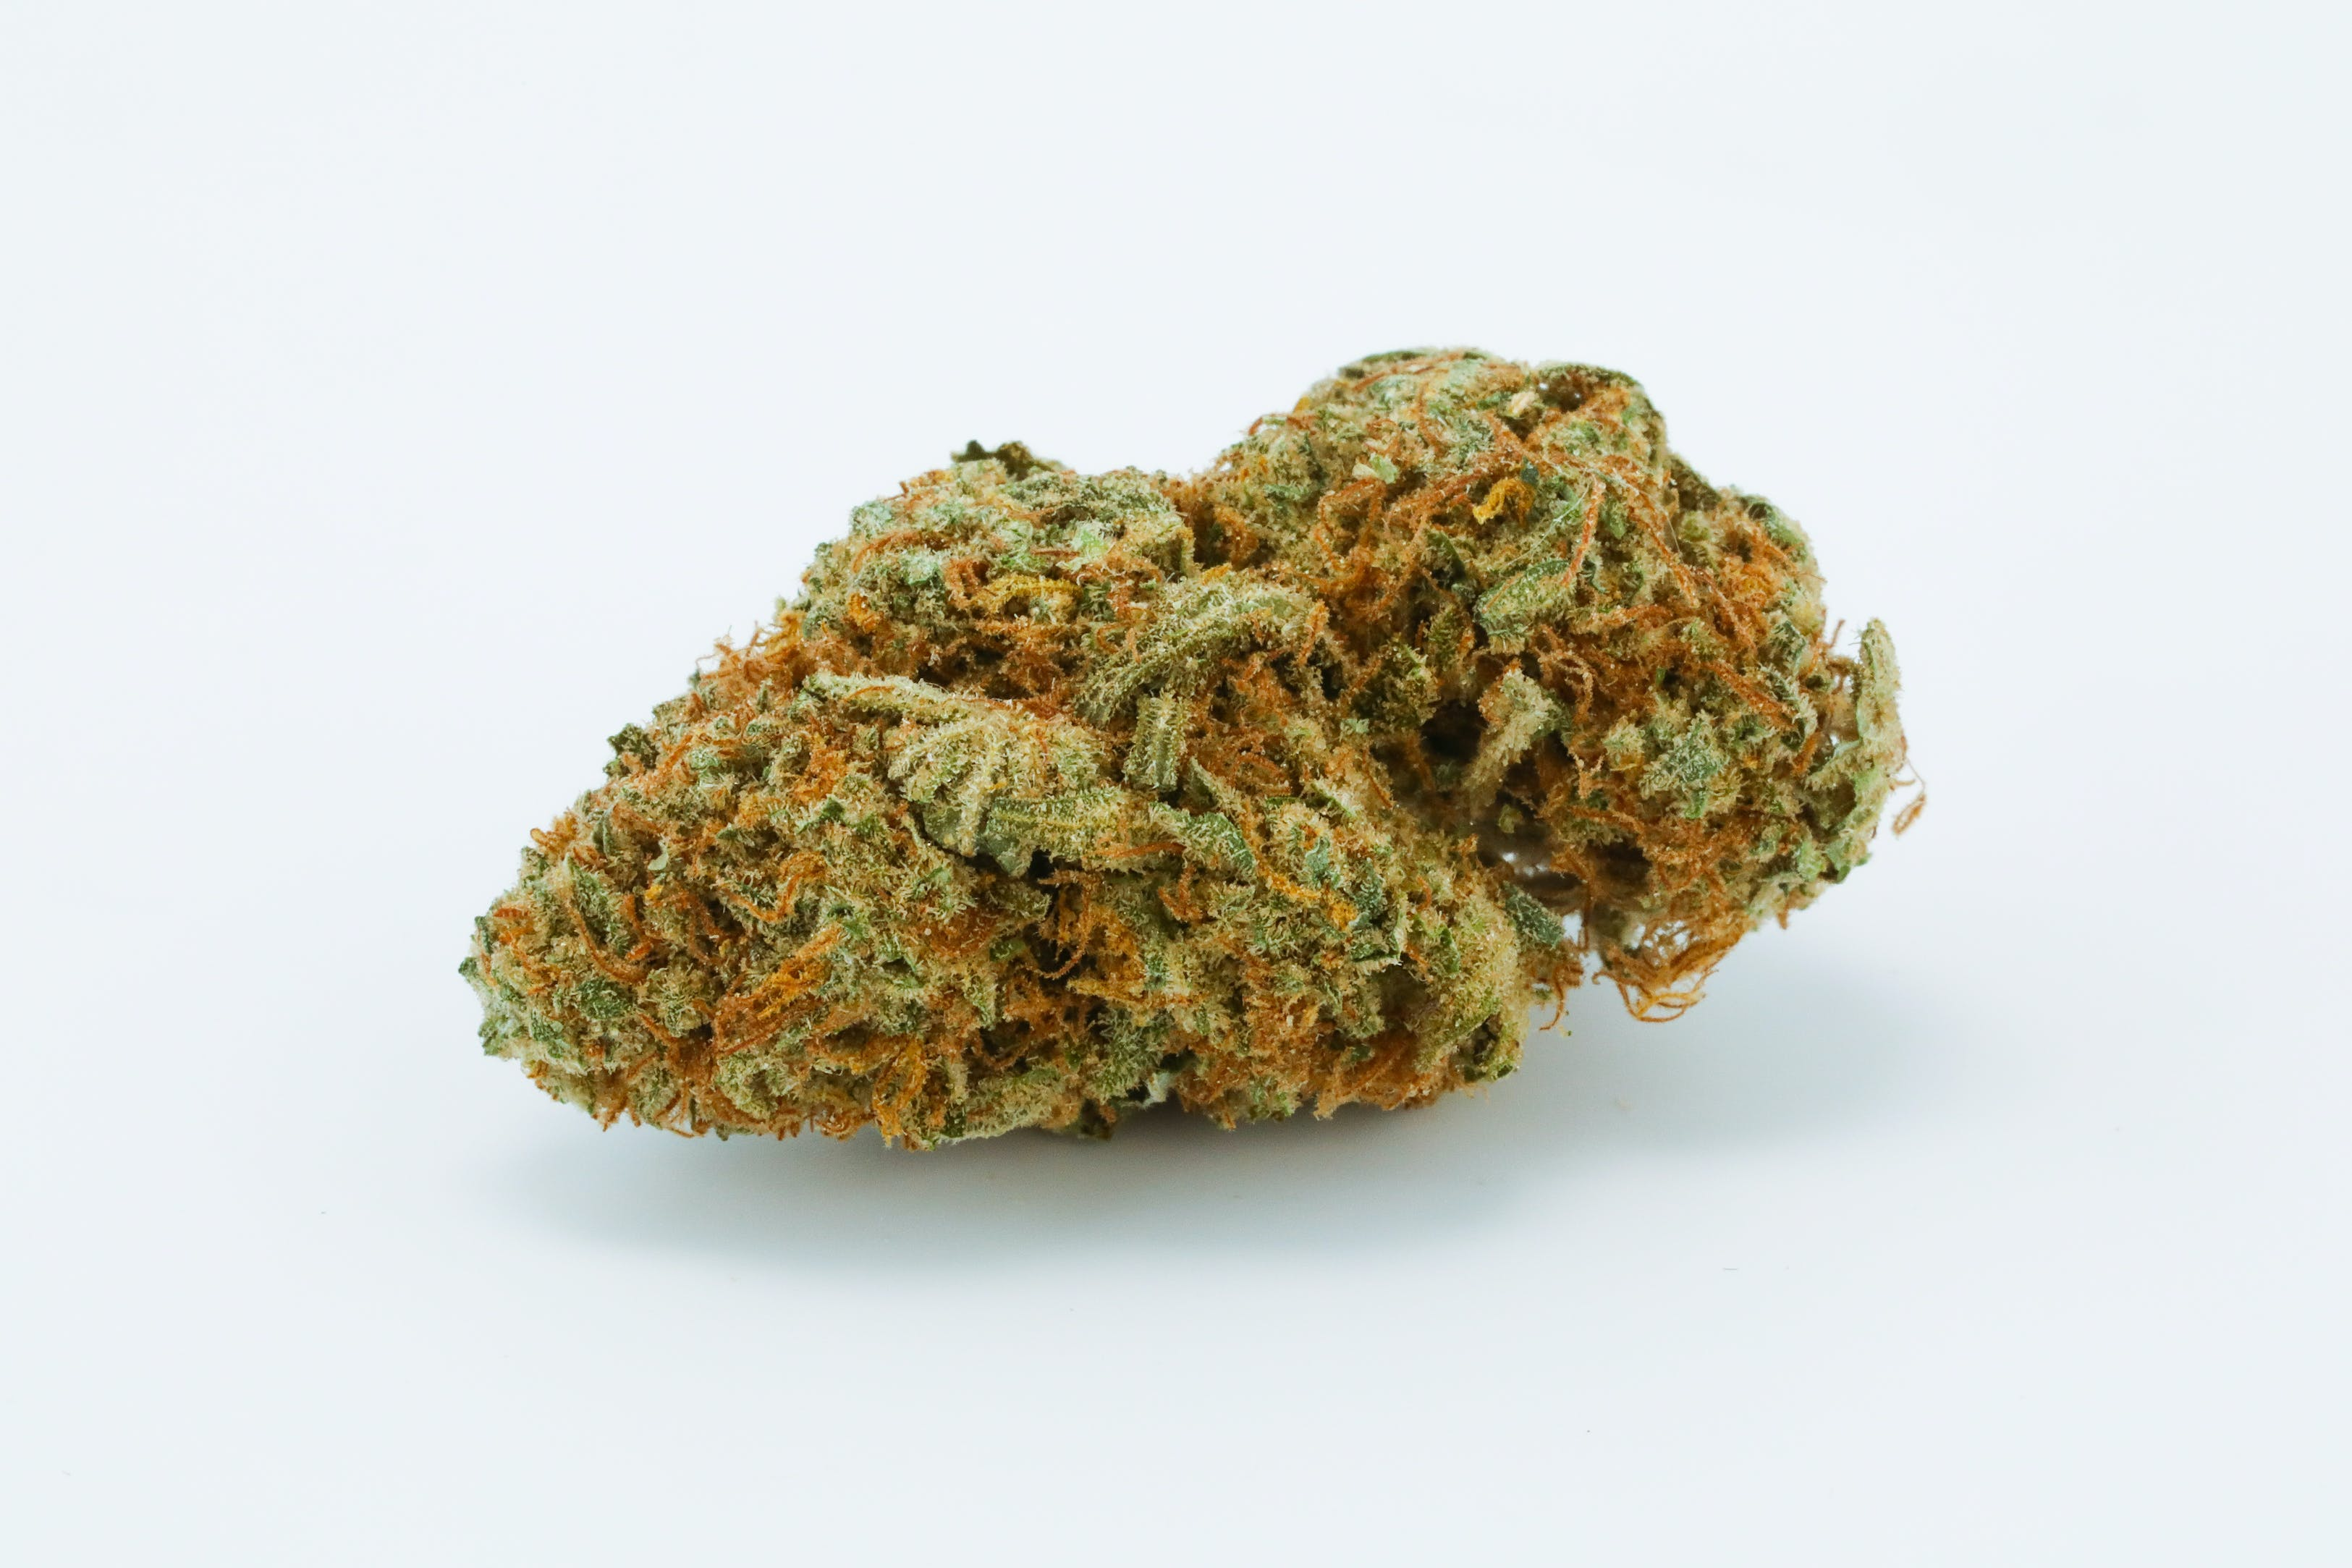 White Queen Weed; White Queen Cannabis Strain; White Queen Hybrid Marijuana Strain